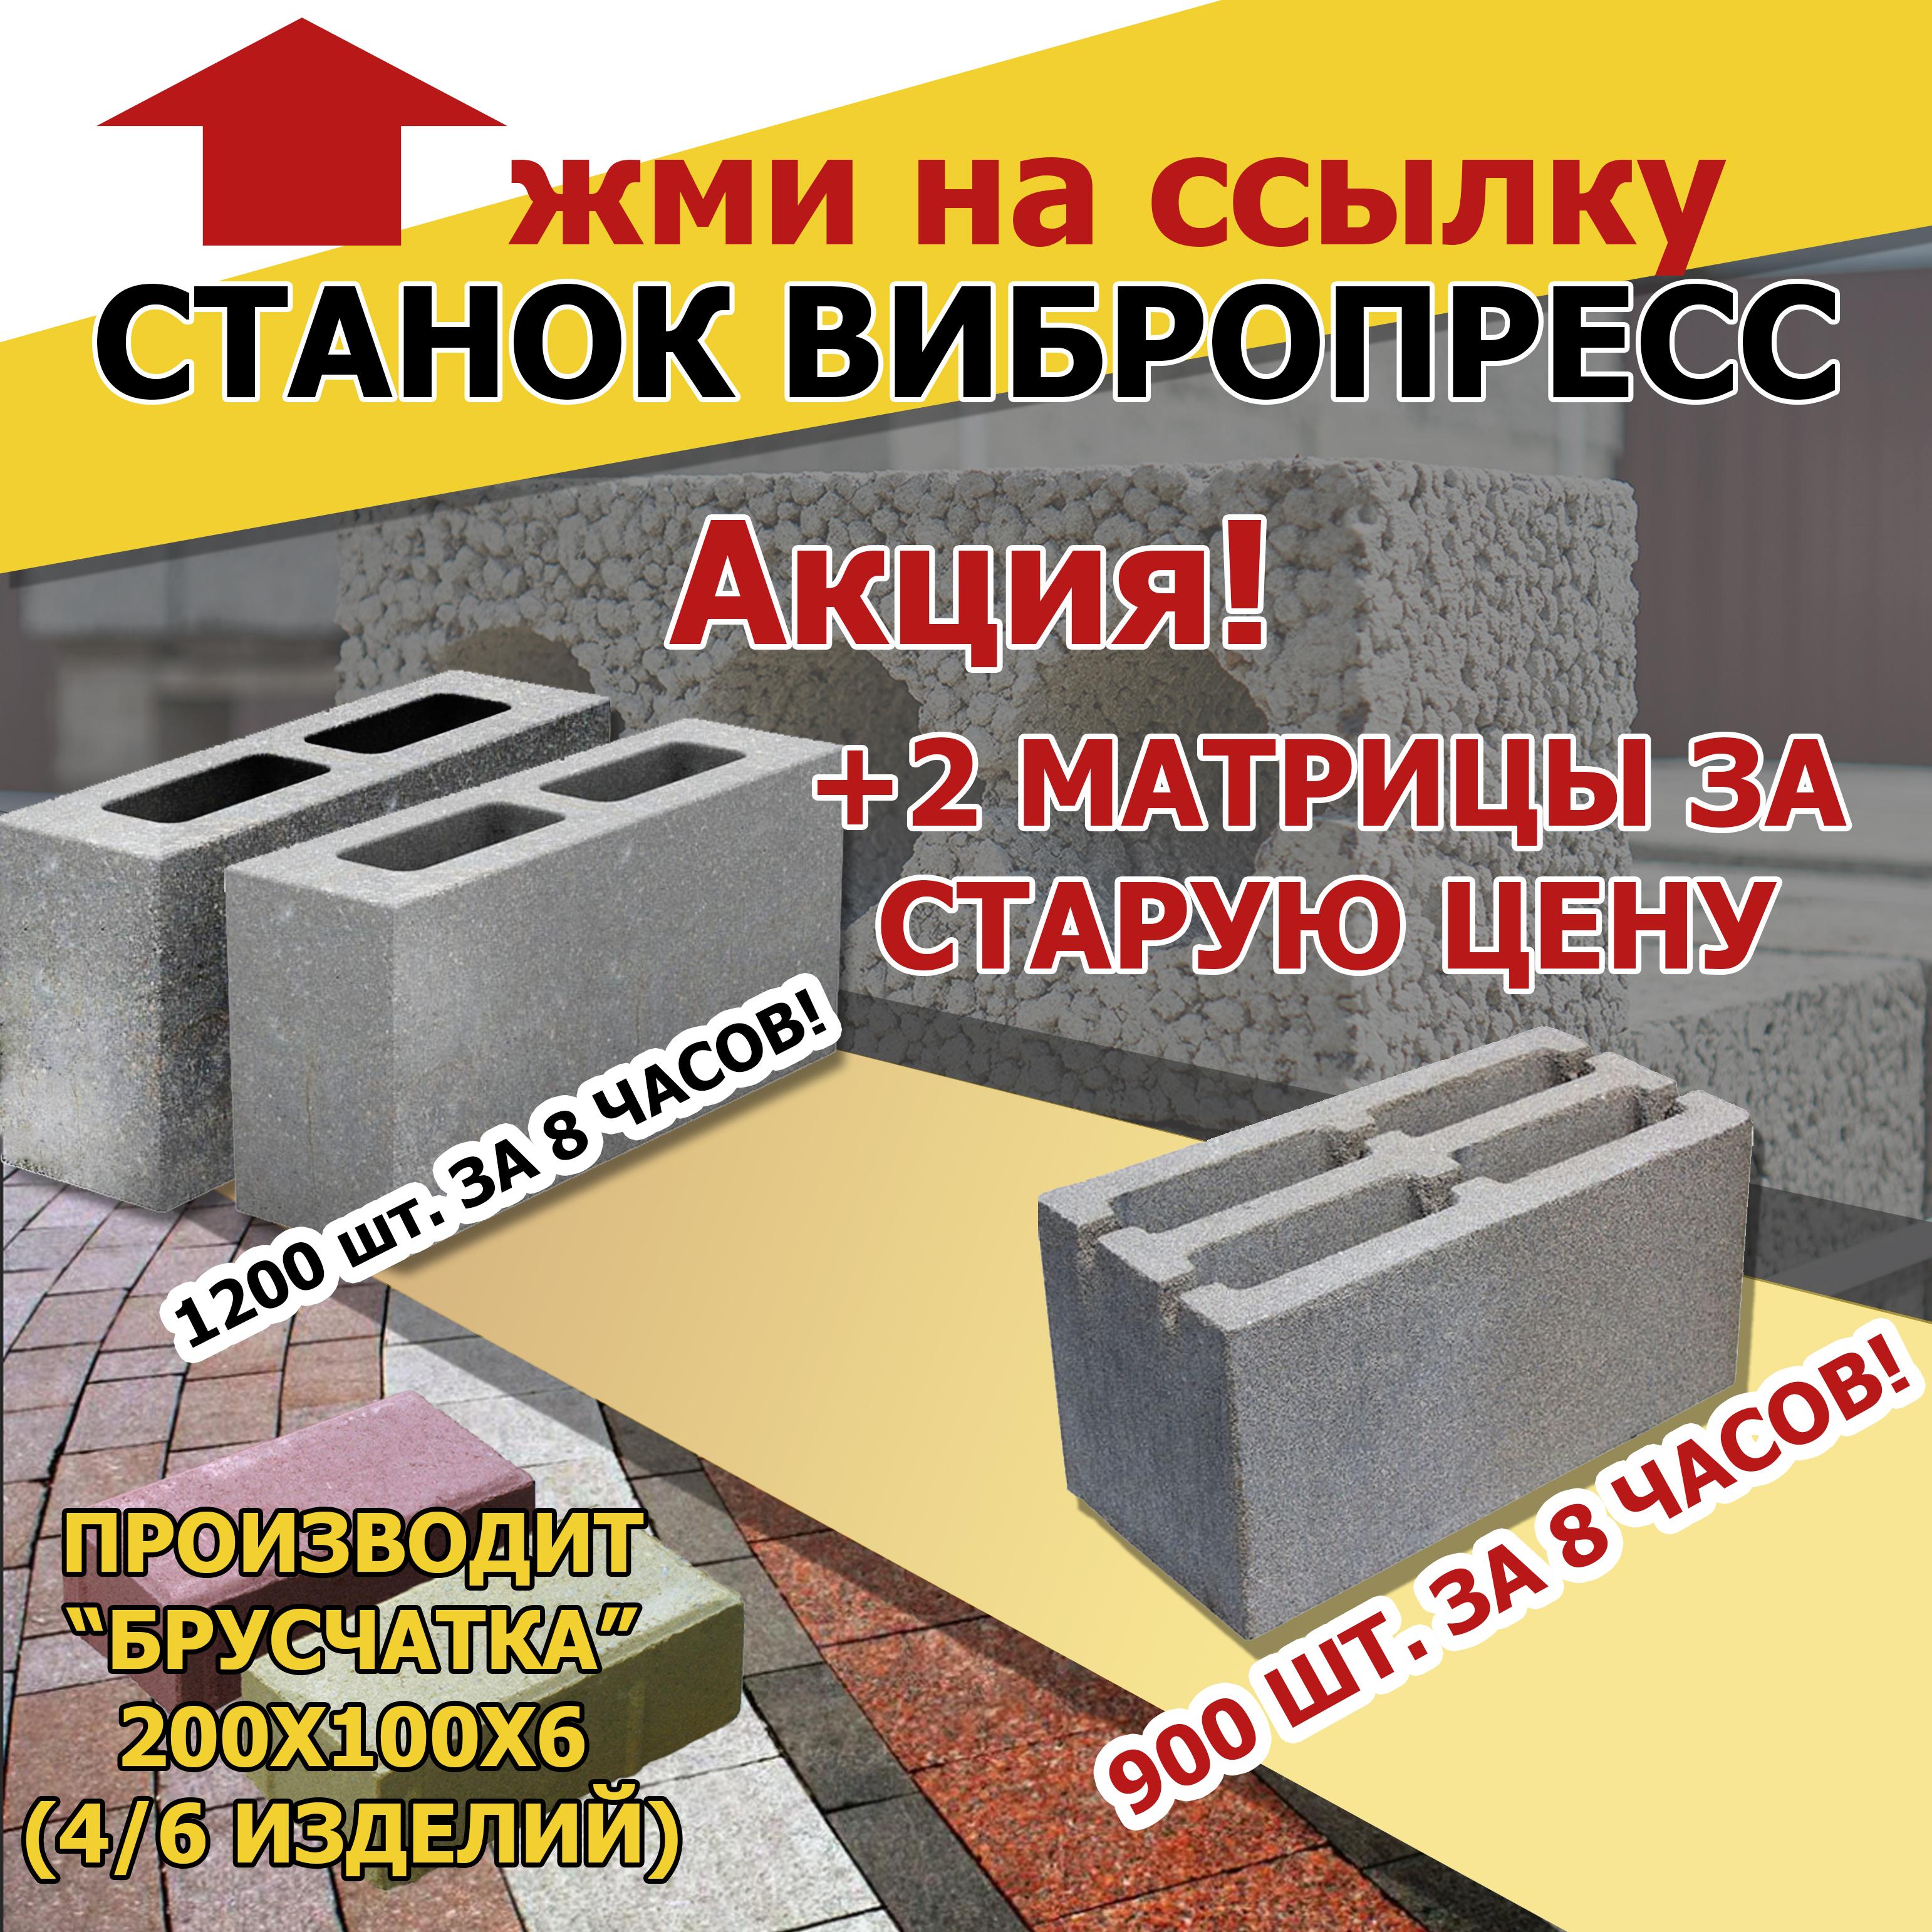 Станок для плитки тротуарной,блоков стеновых,бордюр